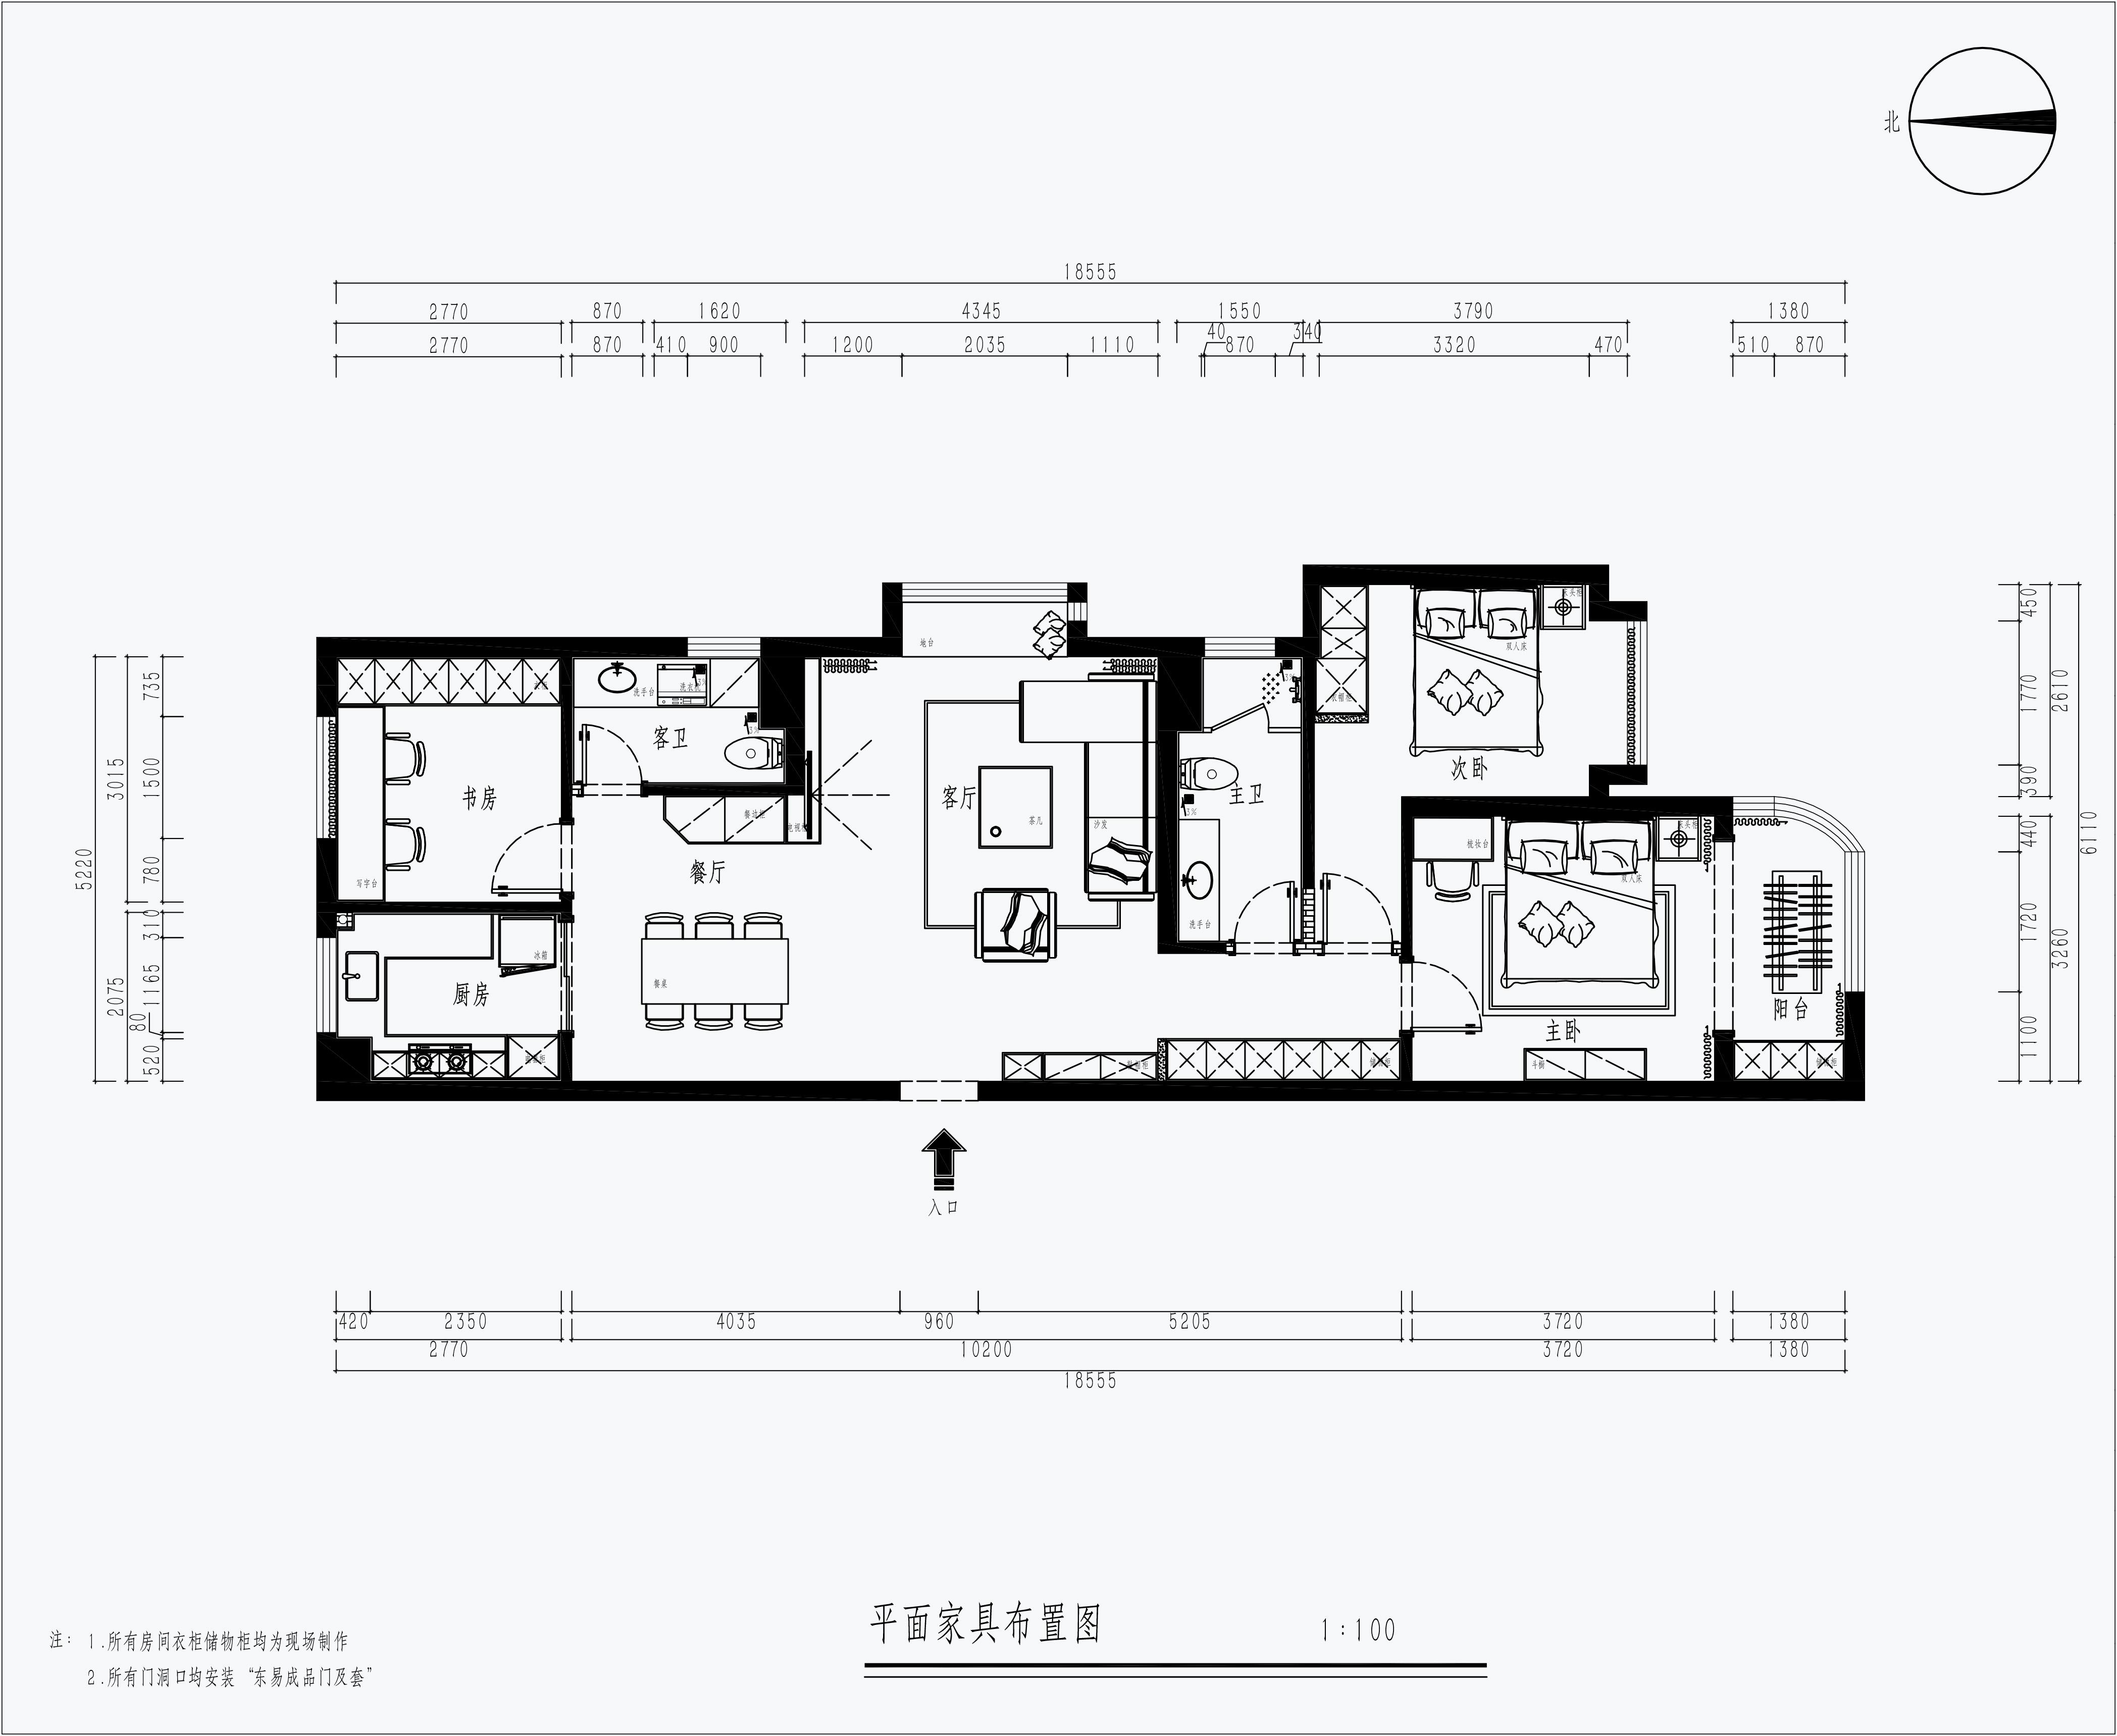 鲁商首府 | 现代风格装修效果图 135平米装修设计案例装修设计理念